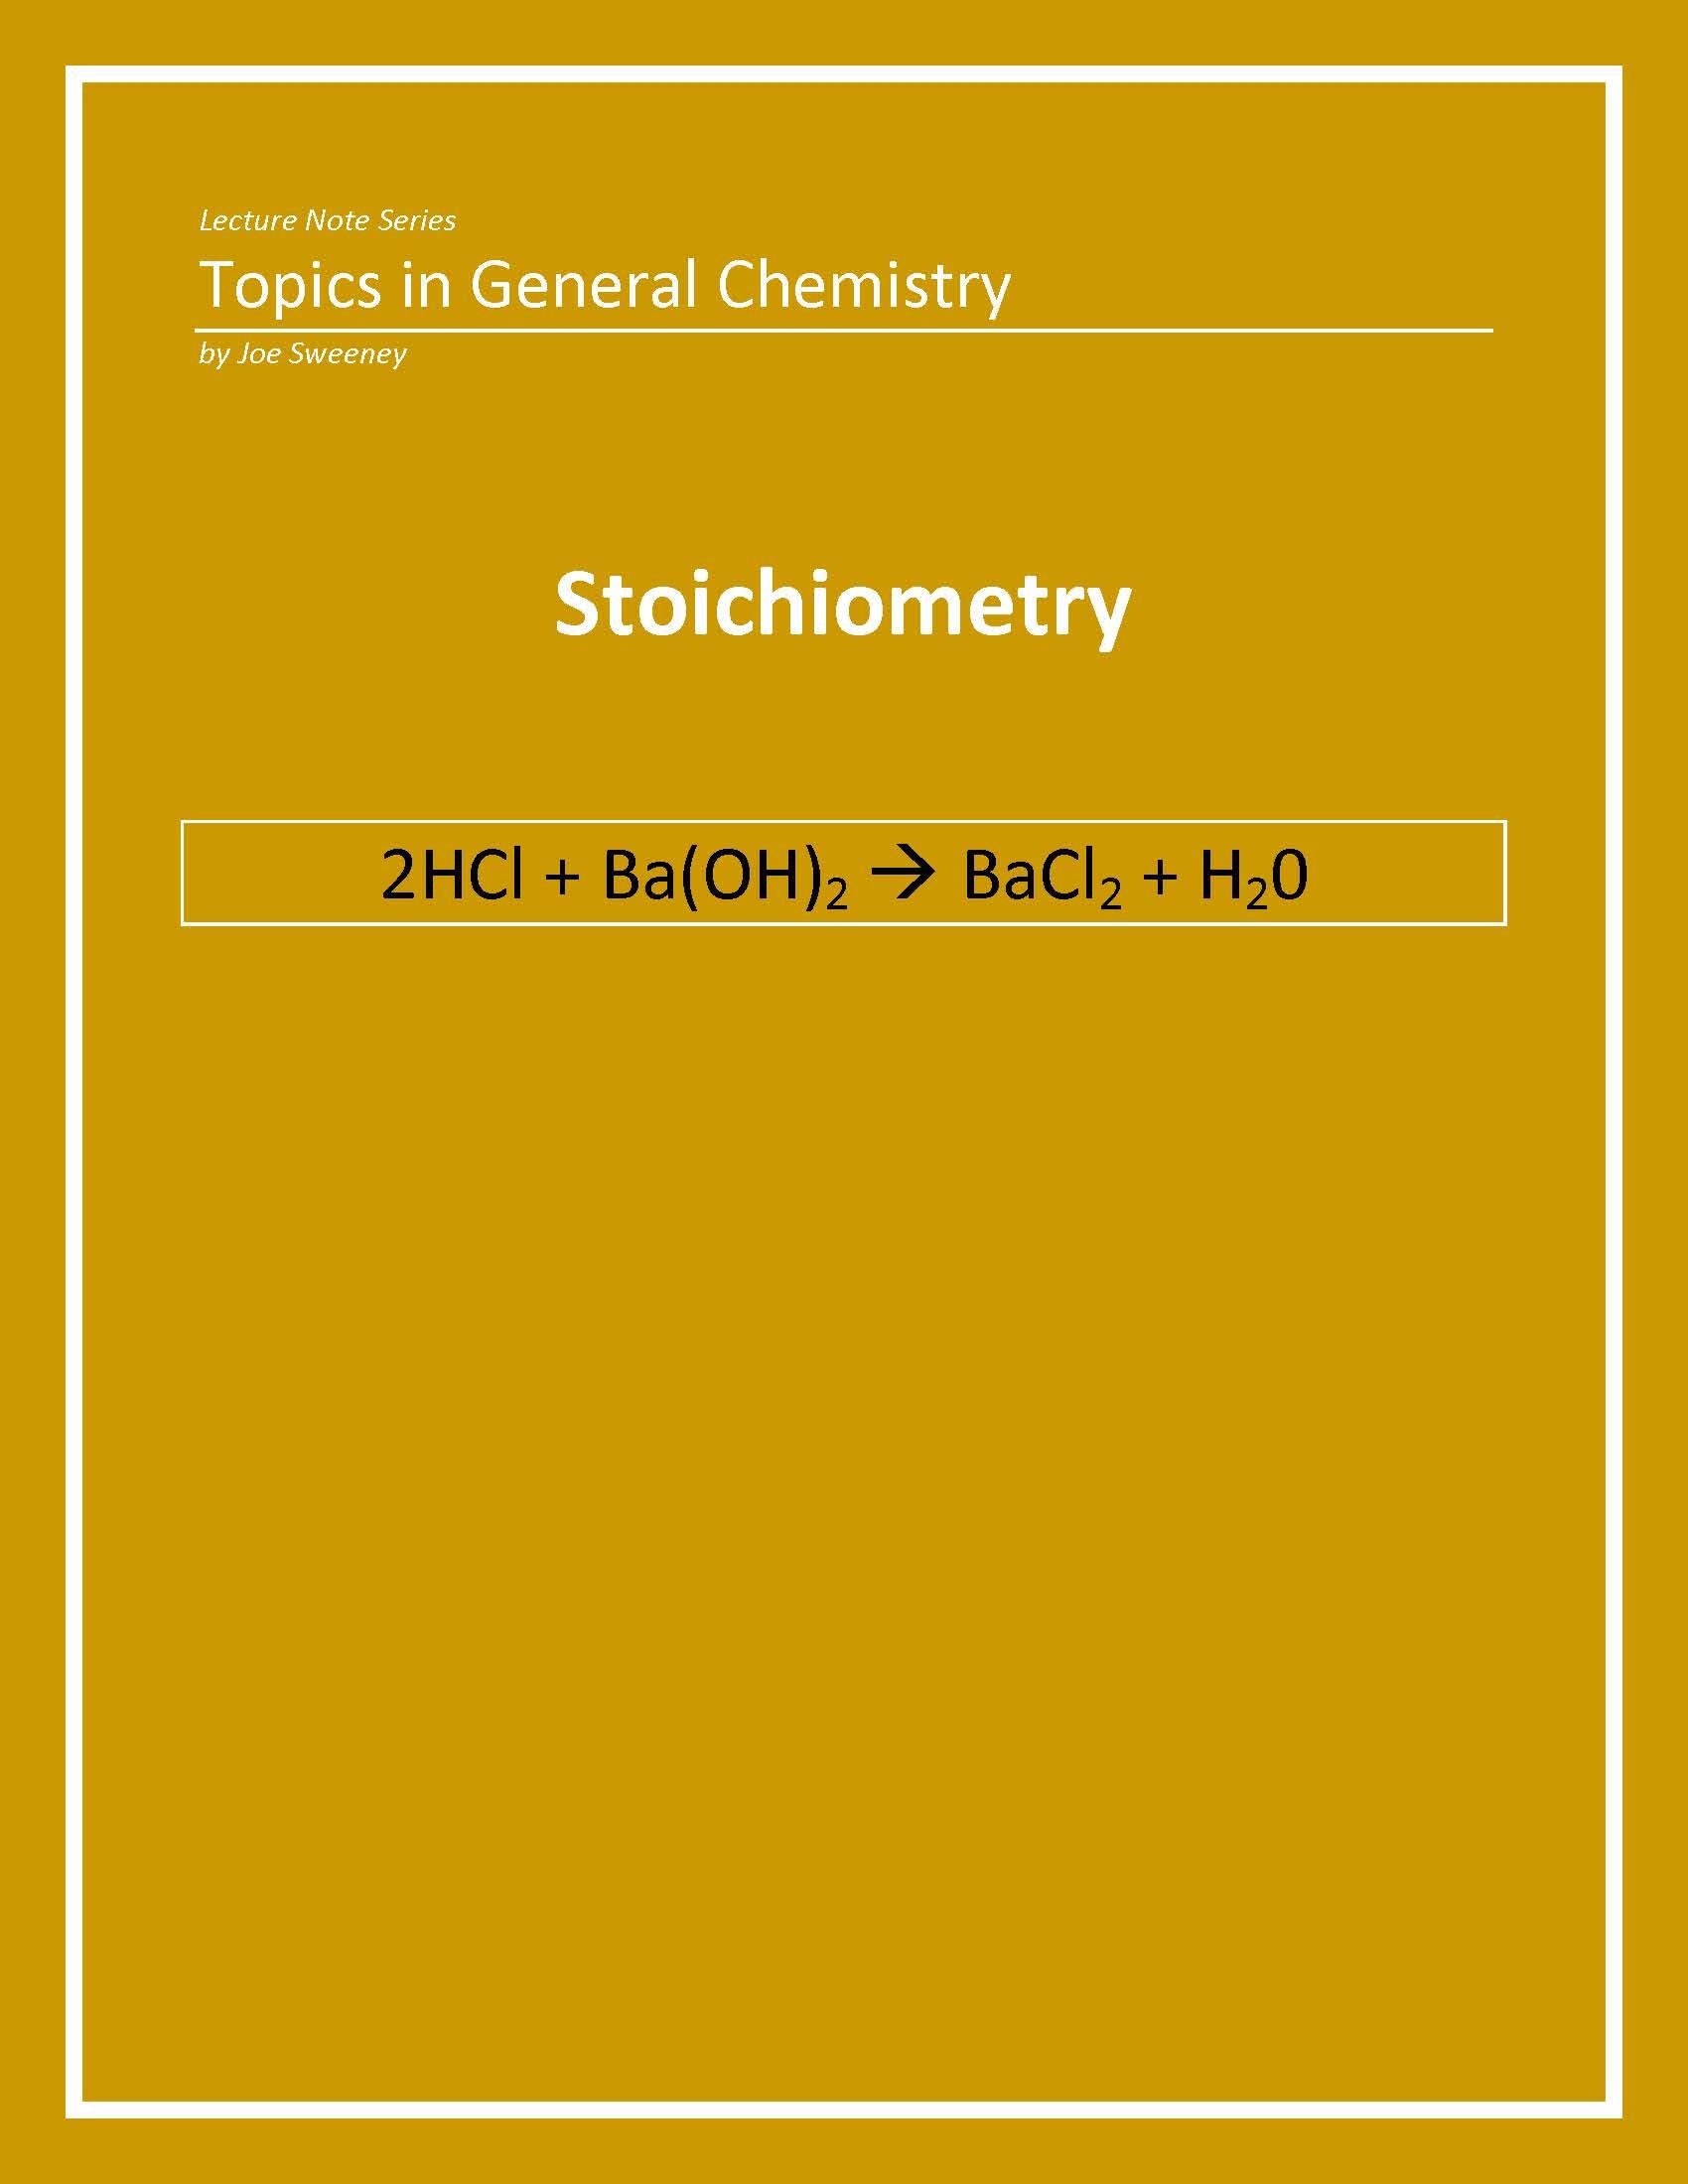 General Chemistry: Stoichiometry, an Ebook by Joe Sweeney